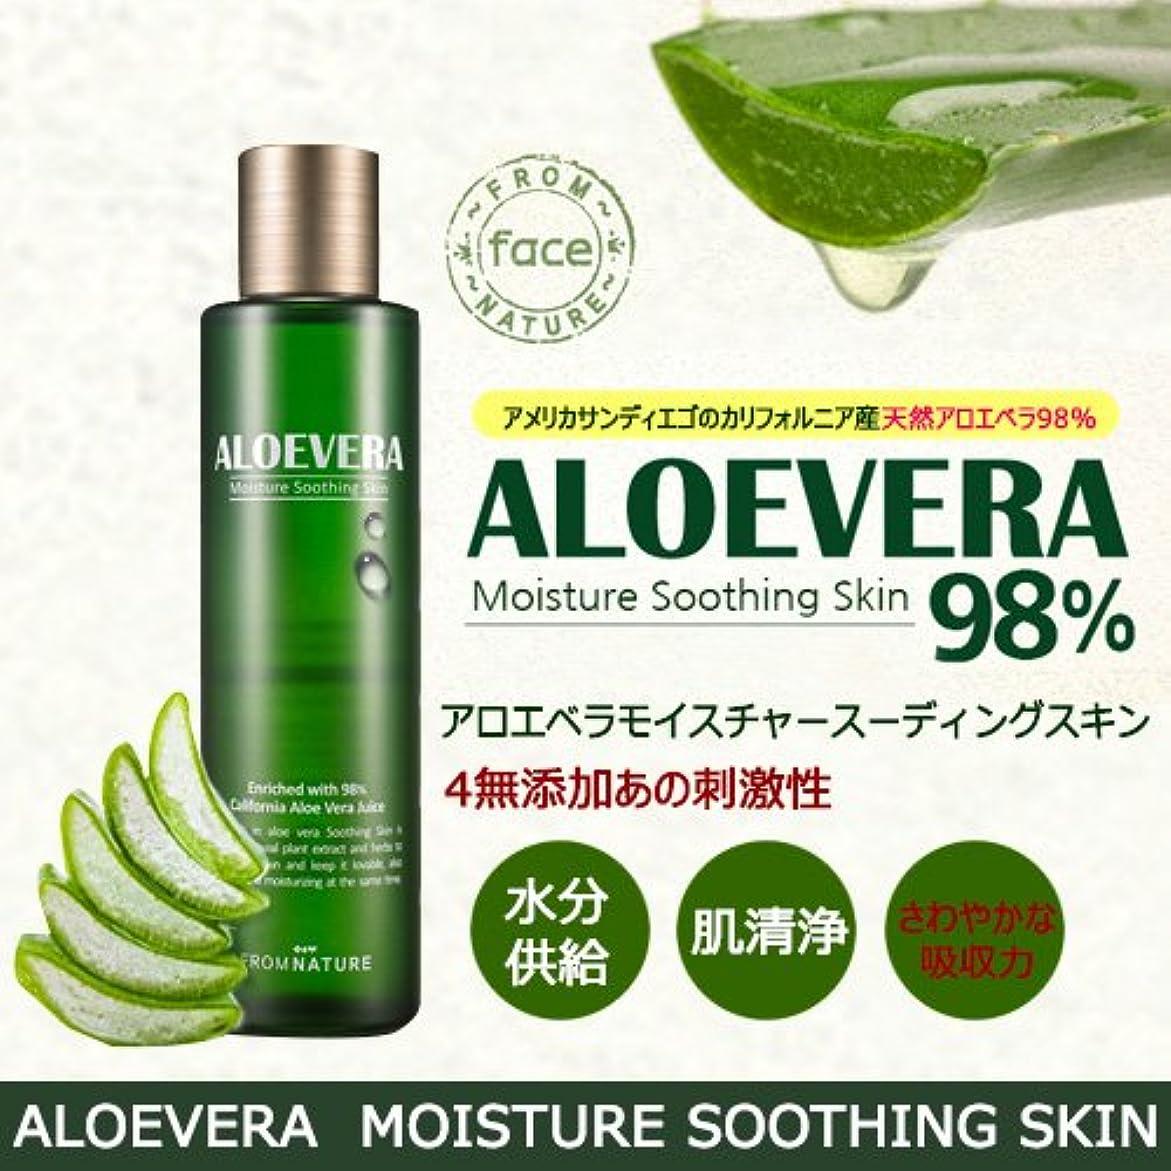 言語学車両ワークショップ[FROMNATURE][フロムネイチャー] アロエベラモイスチャースーディングスキン(From Nature Aloevera Moisture Soothing Skin)